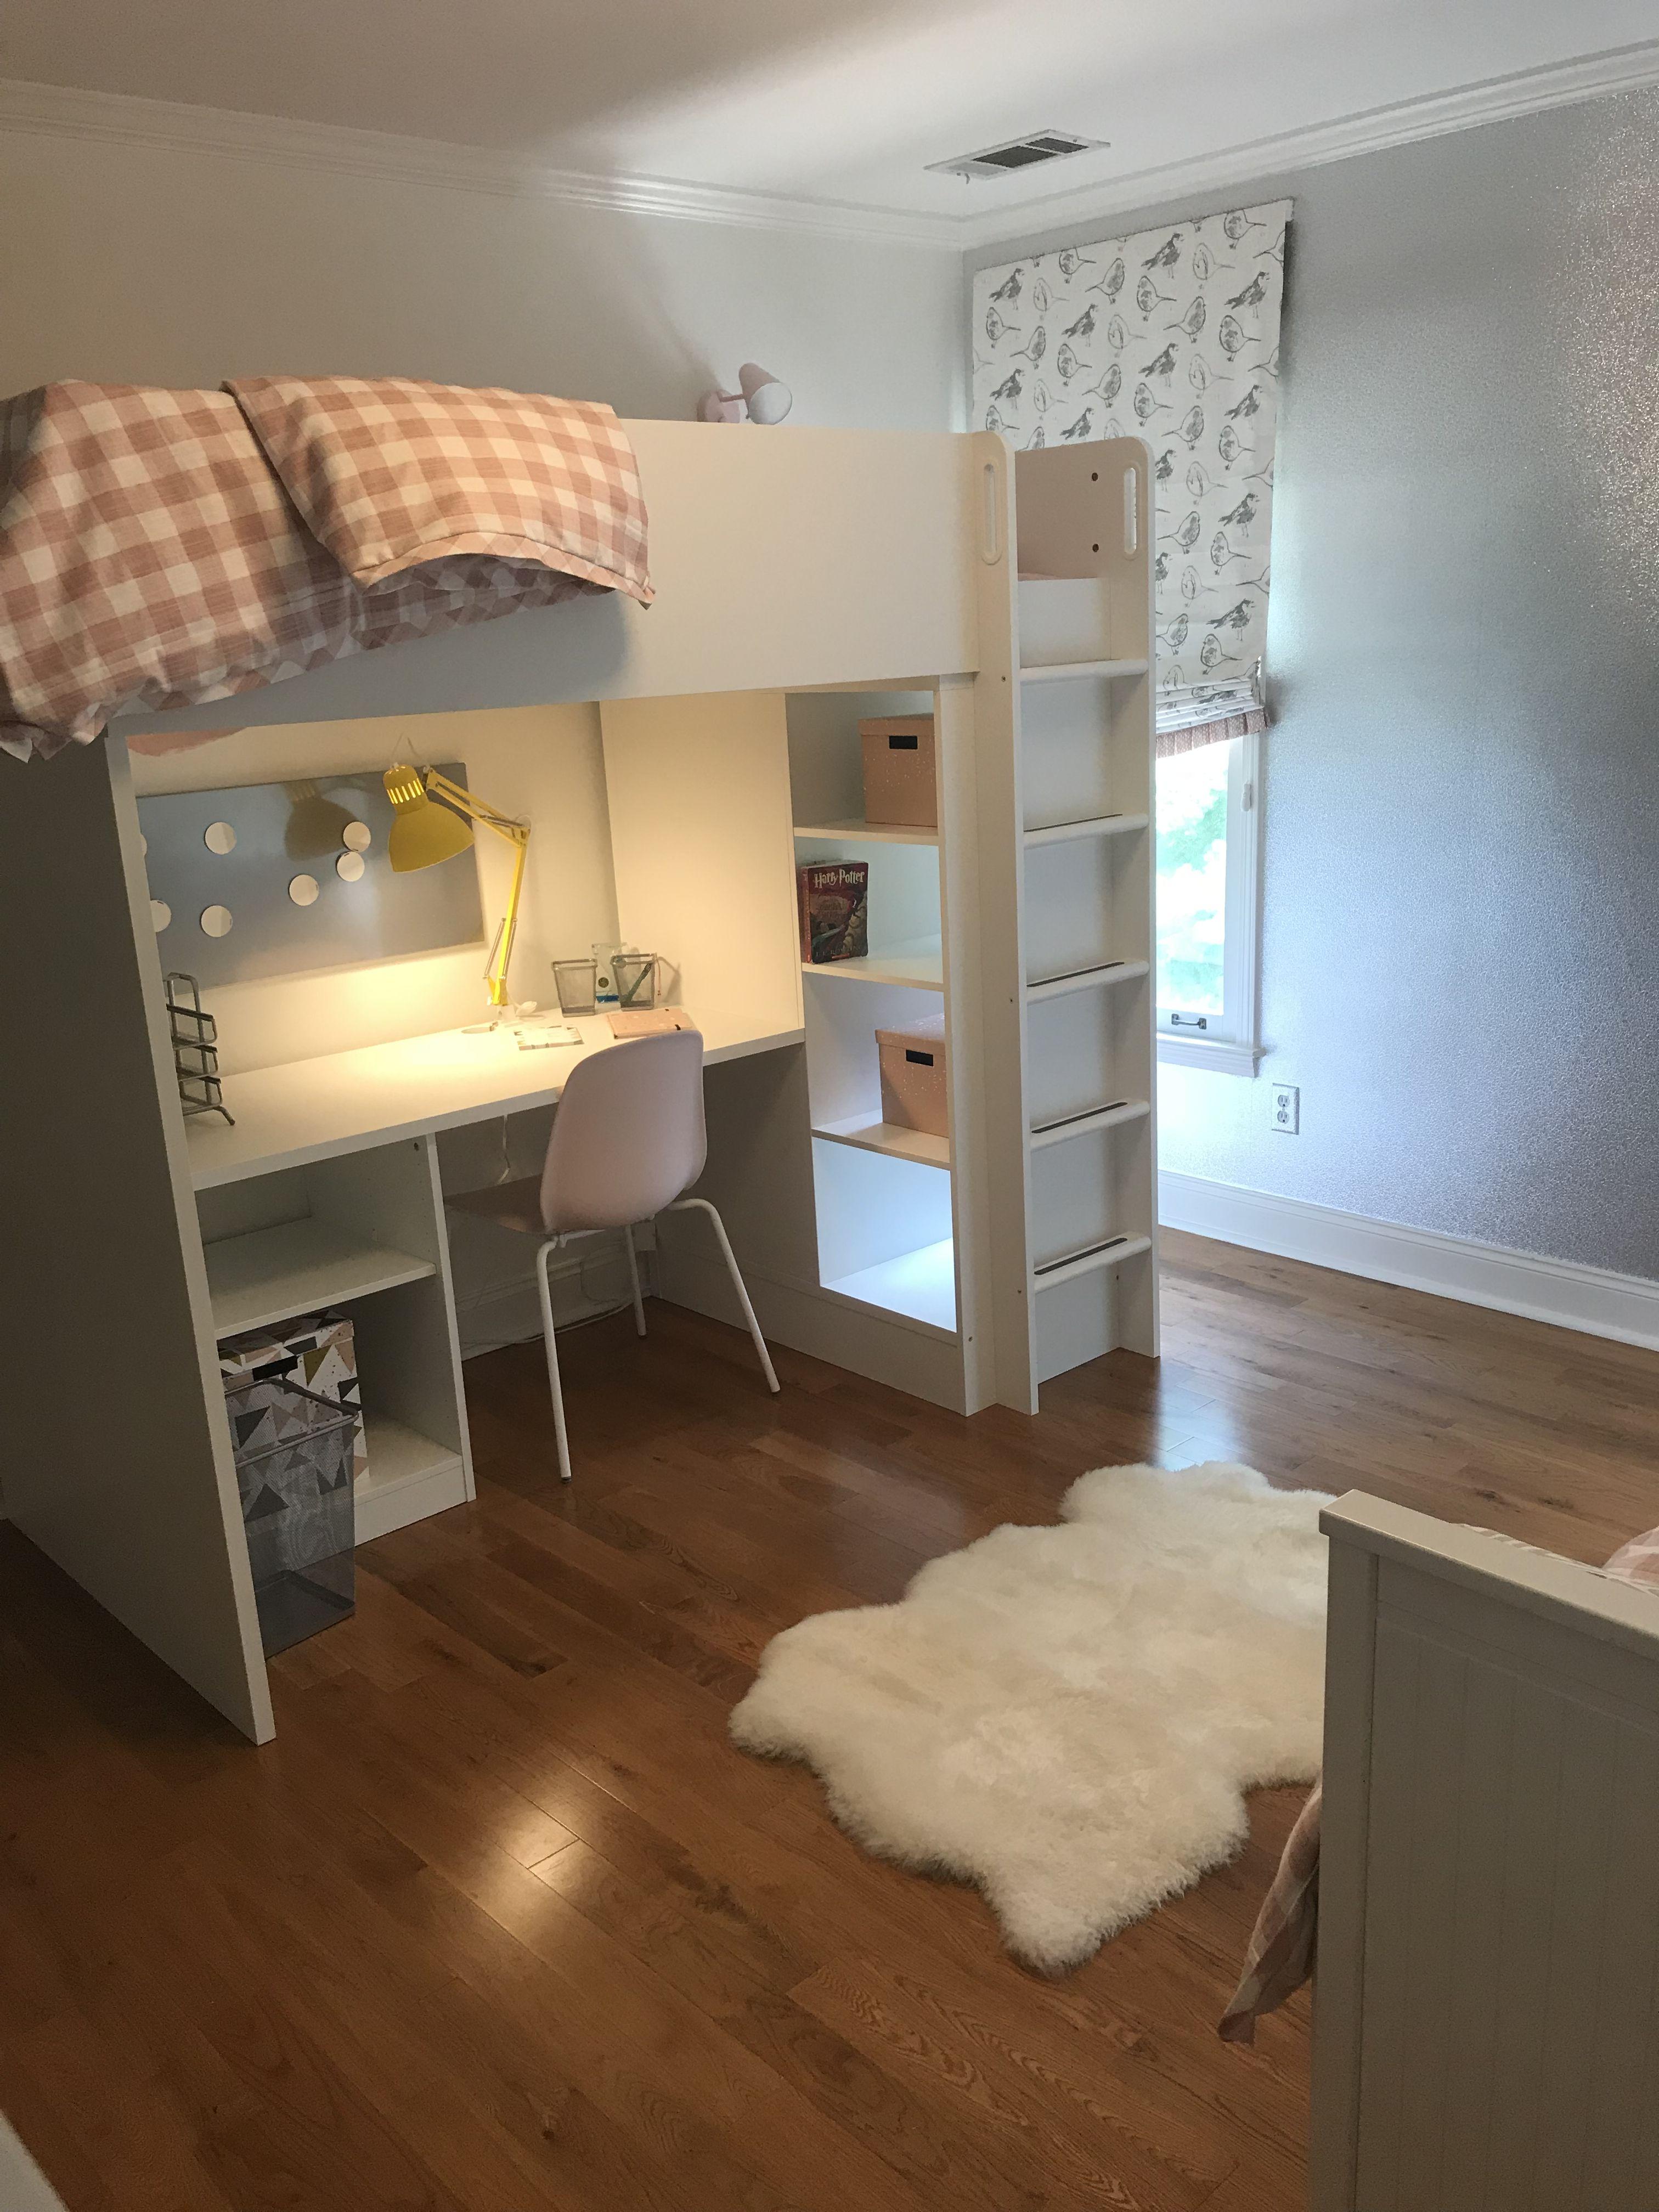 Ikea Stuva Loft Bed Small Loft Bedroom Diy Loft Bed Girls Loft Bed